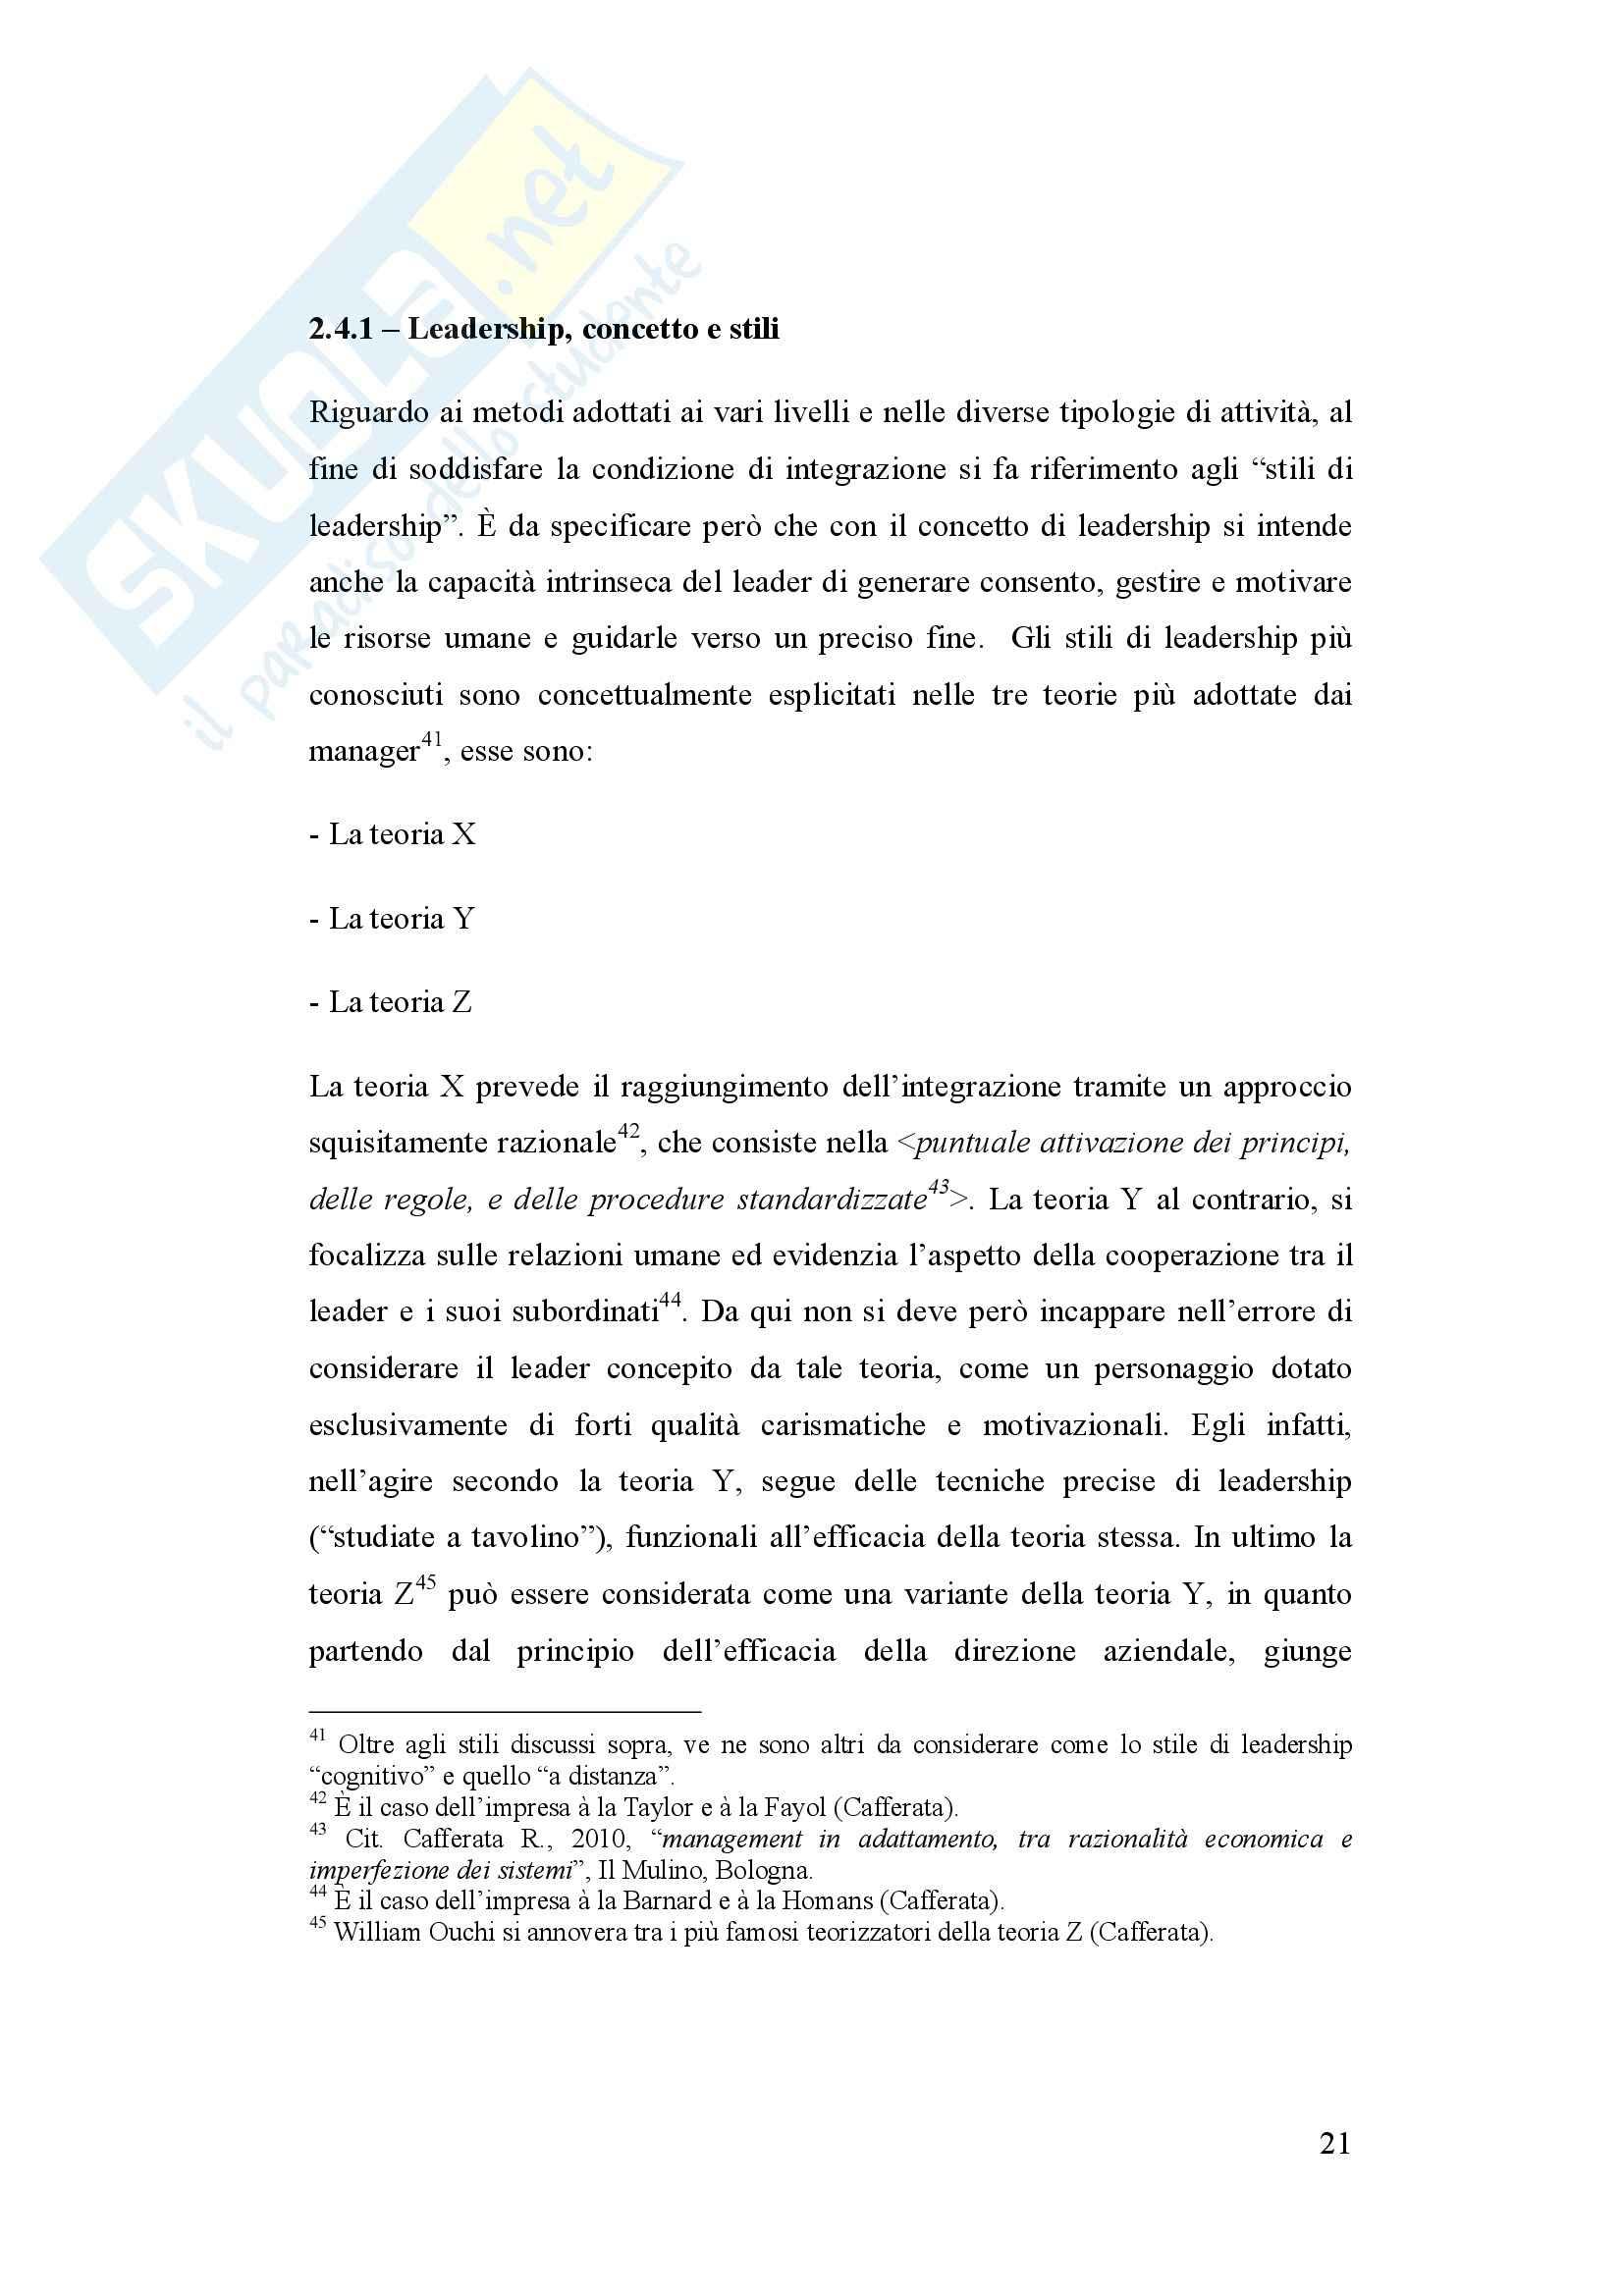 Condizioni di sistemicità e adattamento nella piccola impresa edile - Tesi Pag. 21